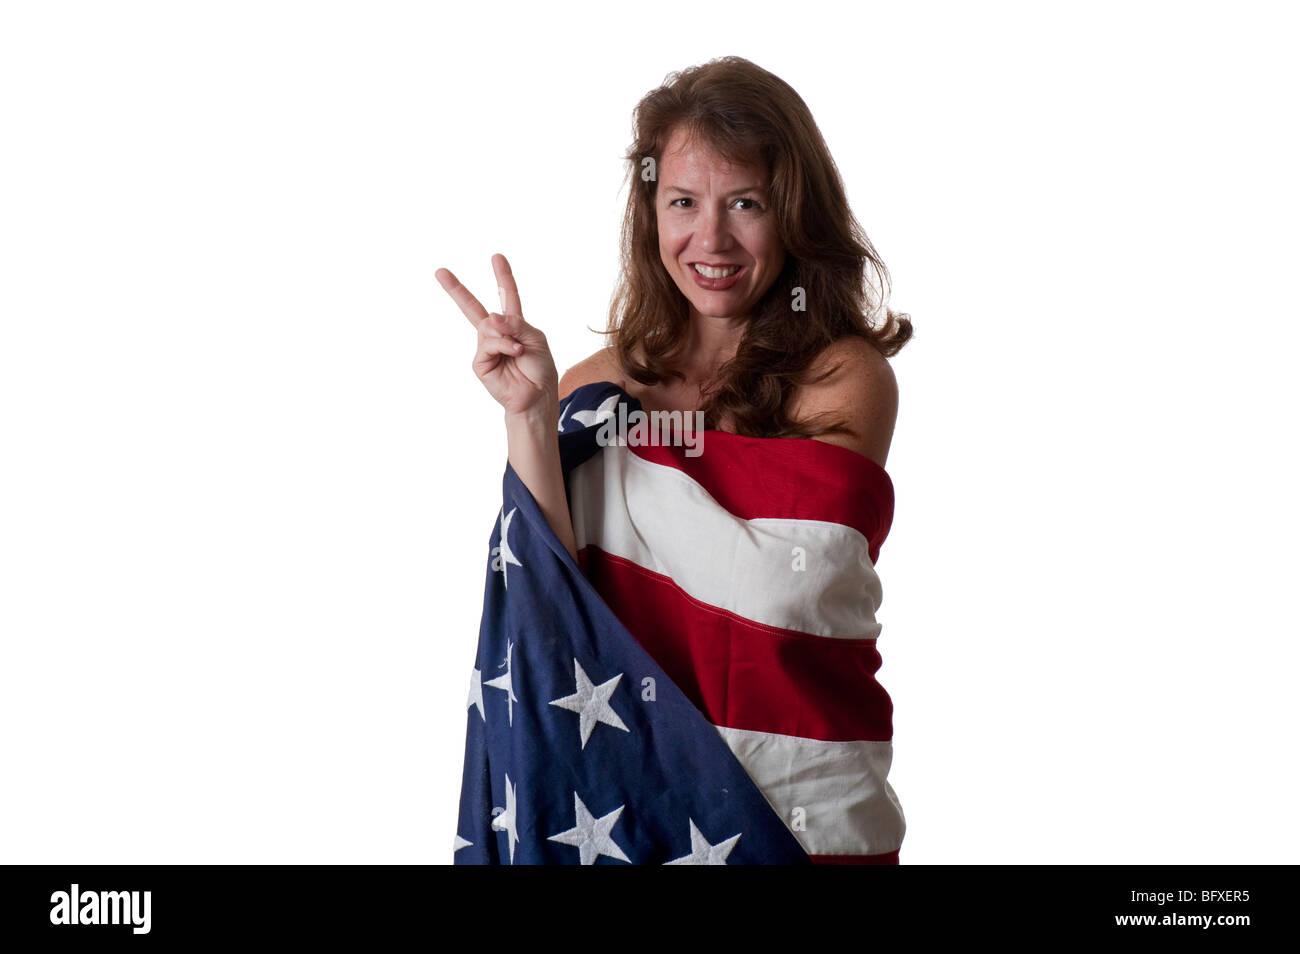 Belle jeune femme enveloppée dans un drapeau américain montrant signe de paix Photo Stock